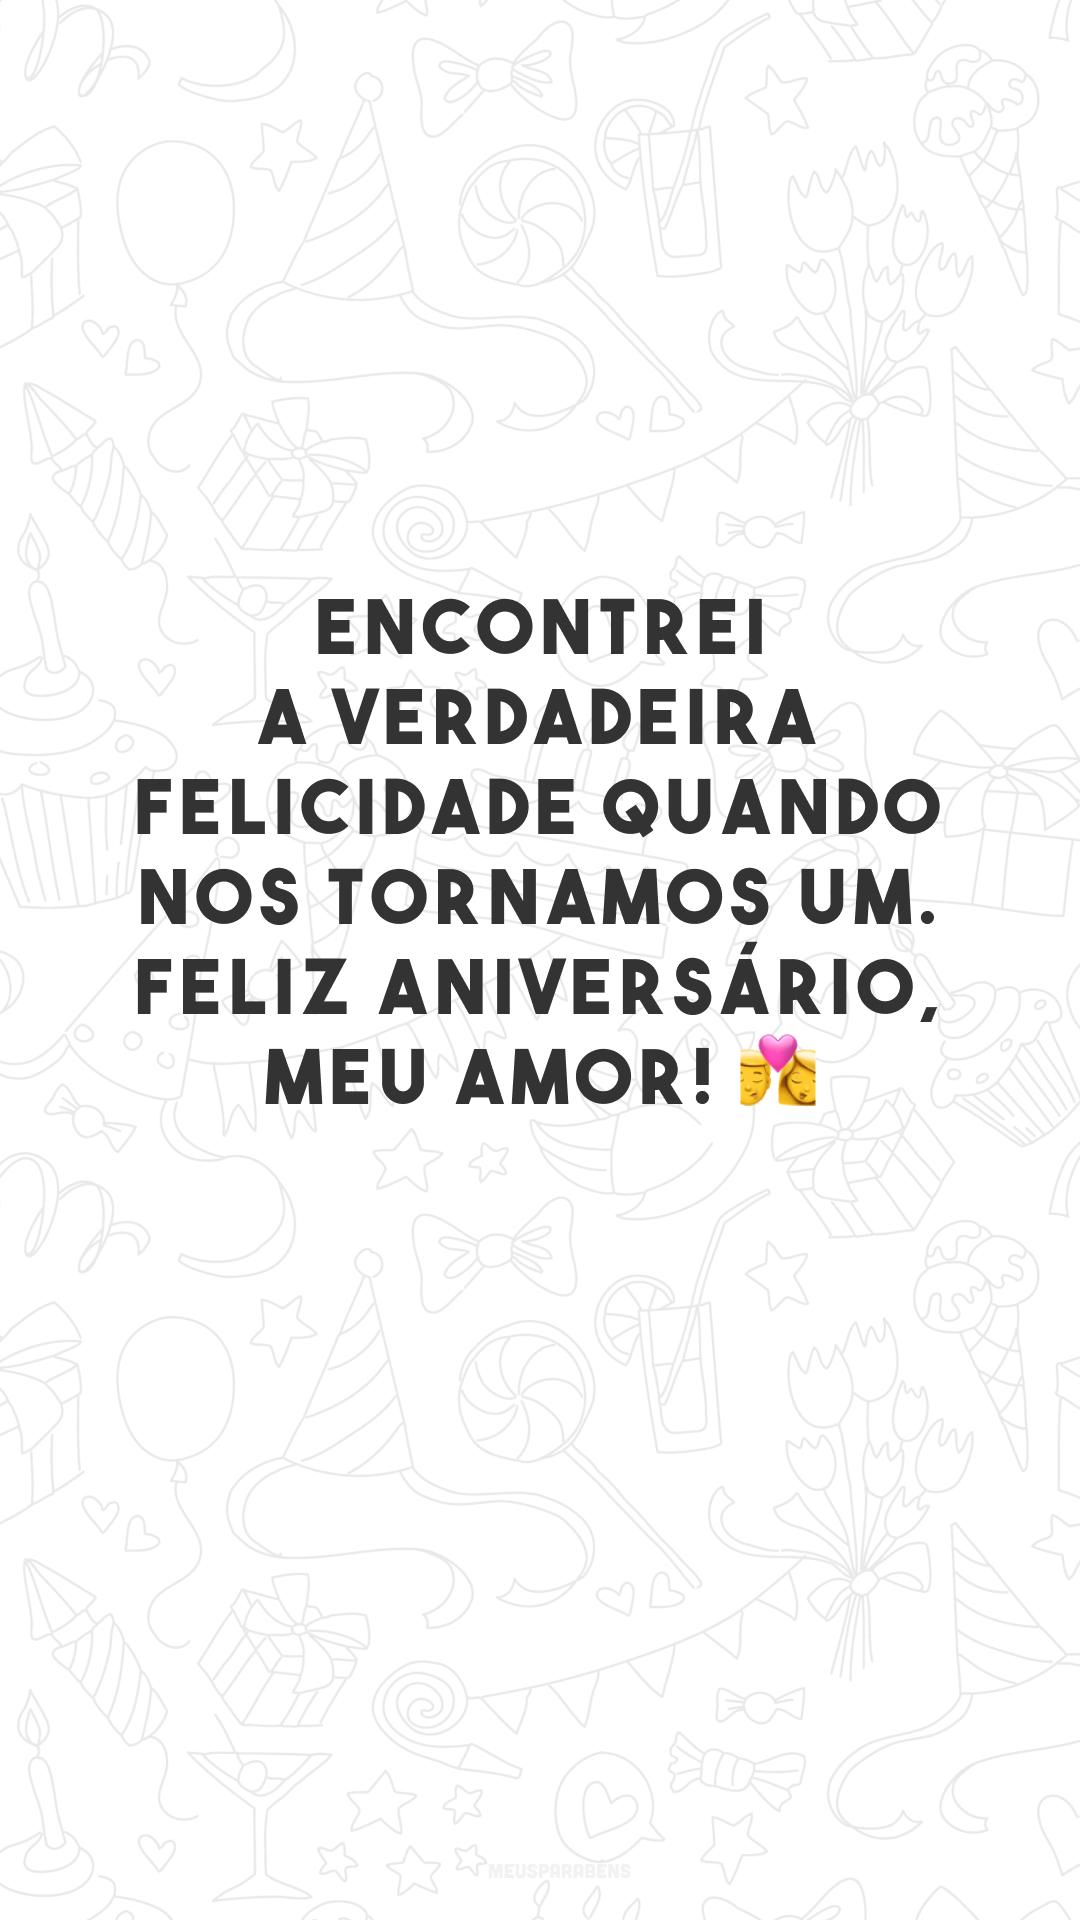 Encontrei a verdadeira felicidade quando nos tornamos um. Feliz aniversário, meu amor! 💏